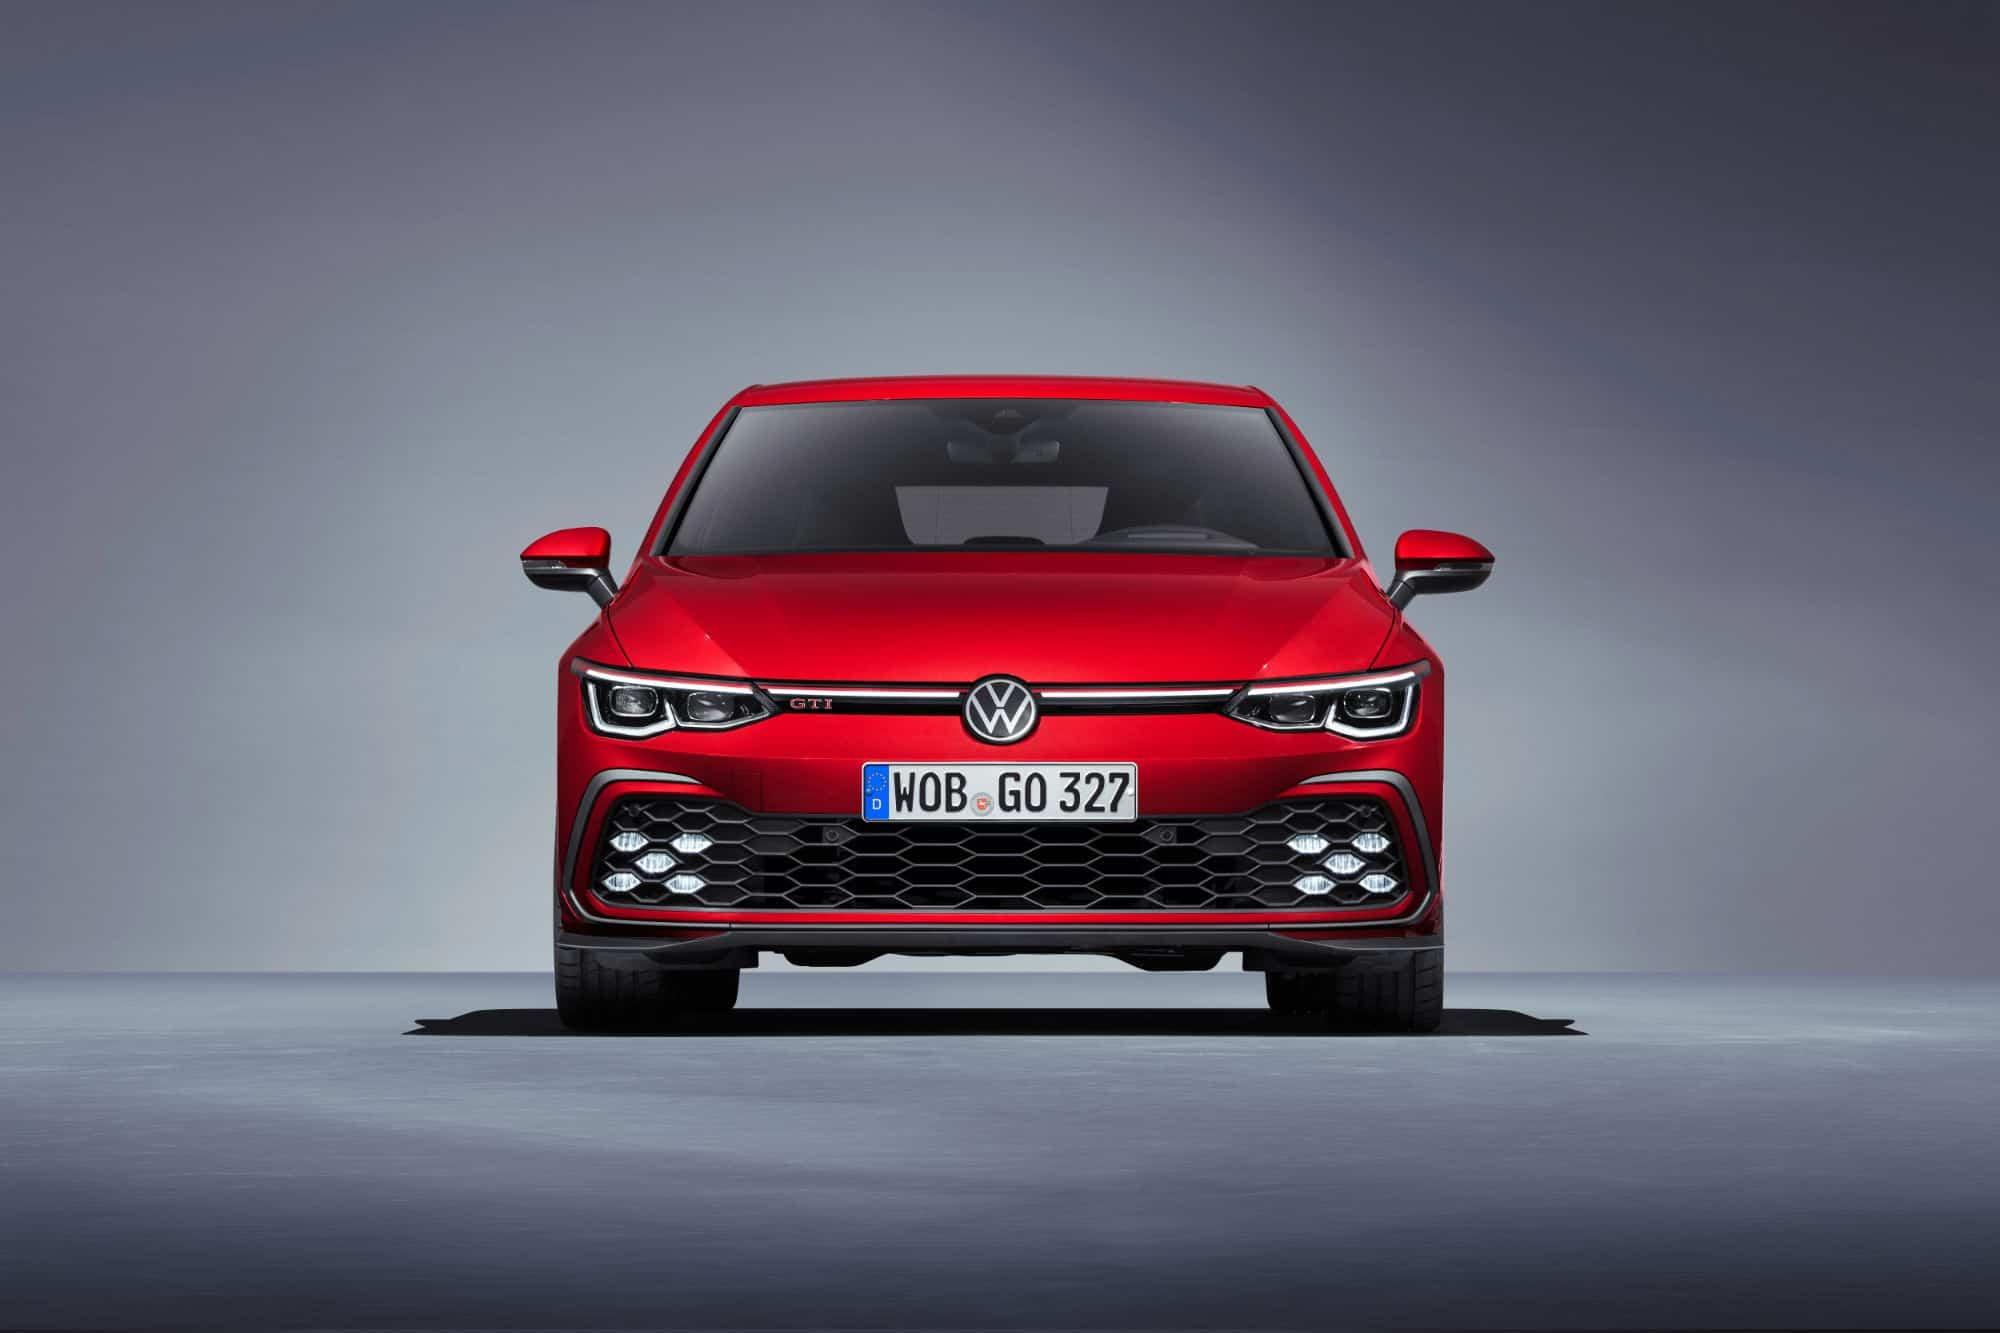 VW GTI Mk8 front view